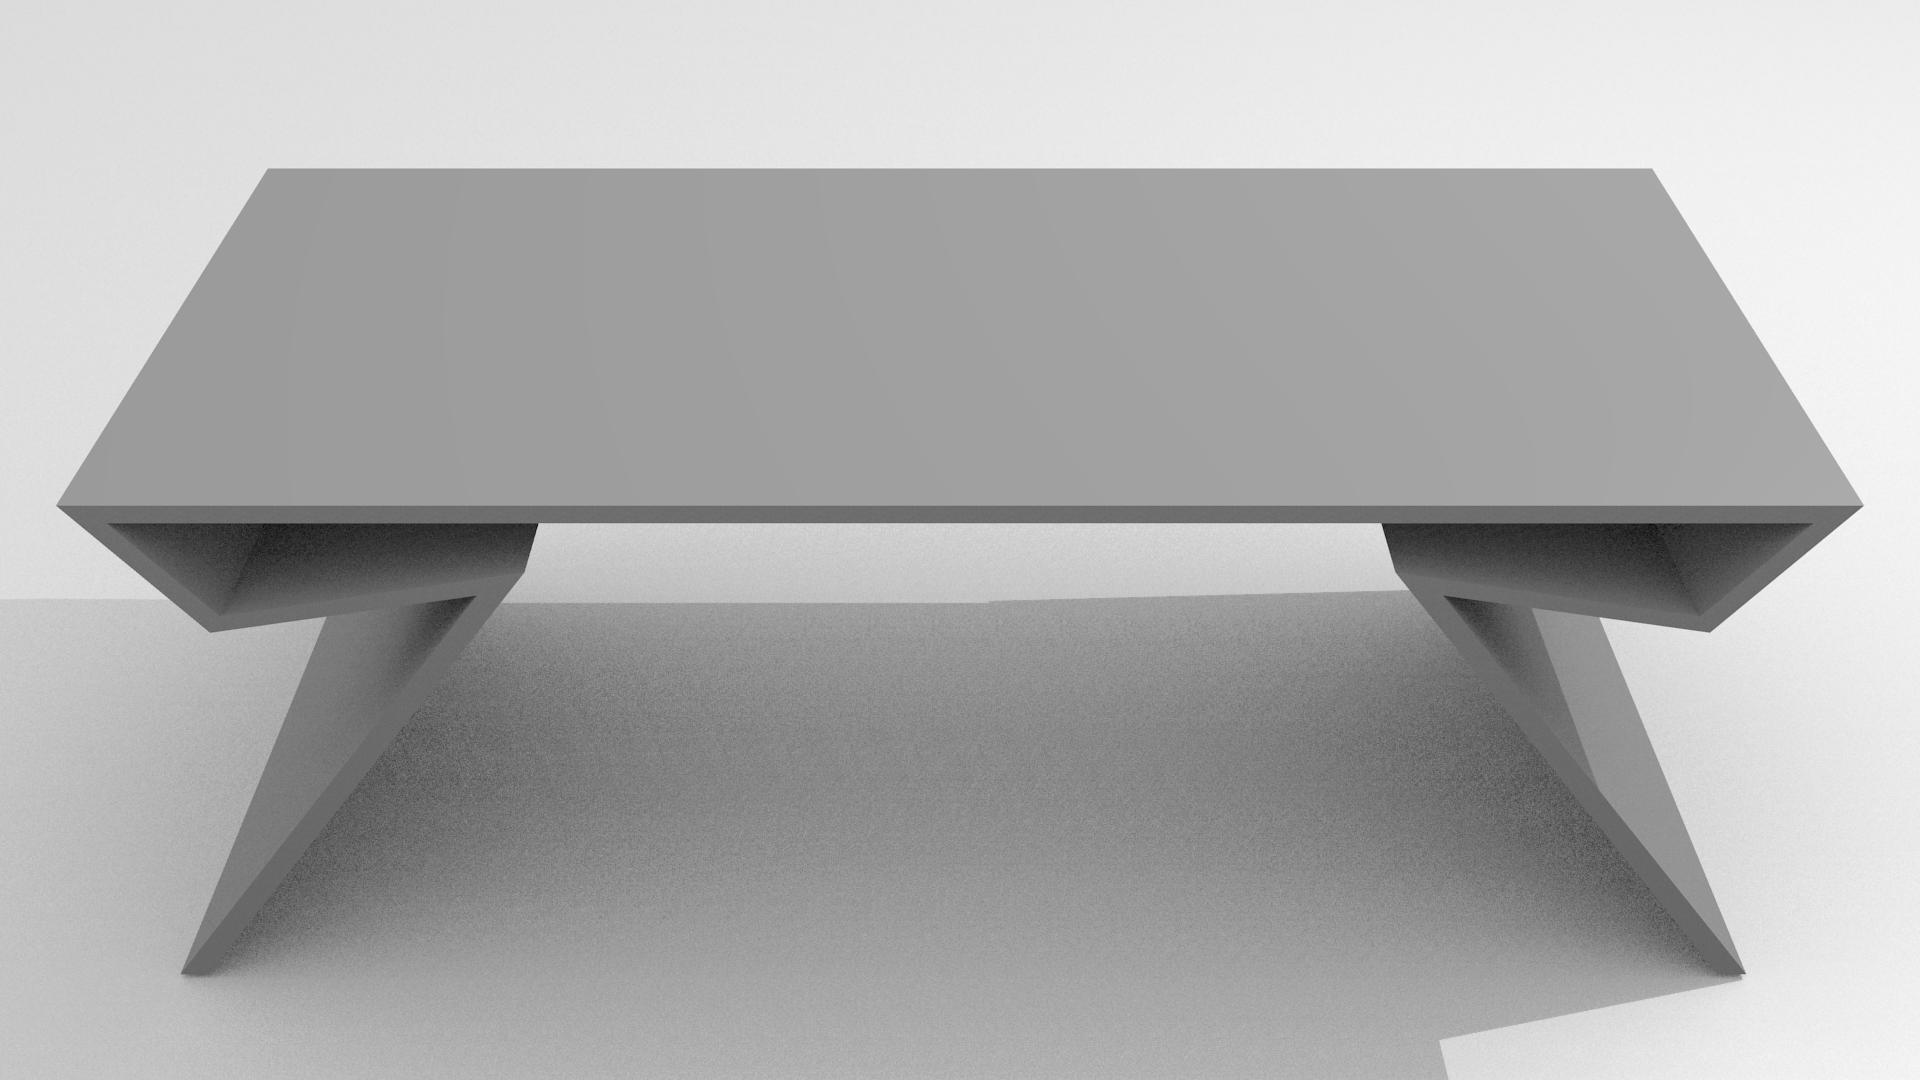 Modern Table Free D Model Obj Blend Dae Mtl